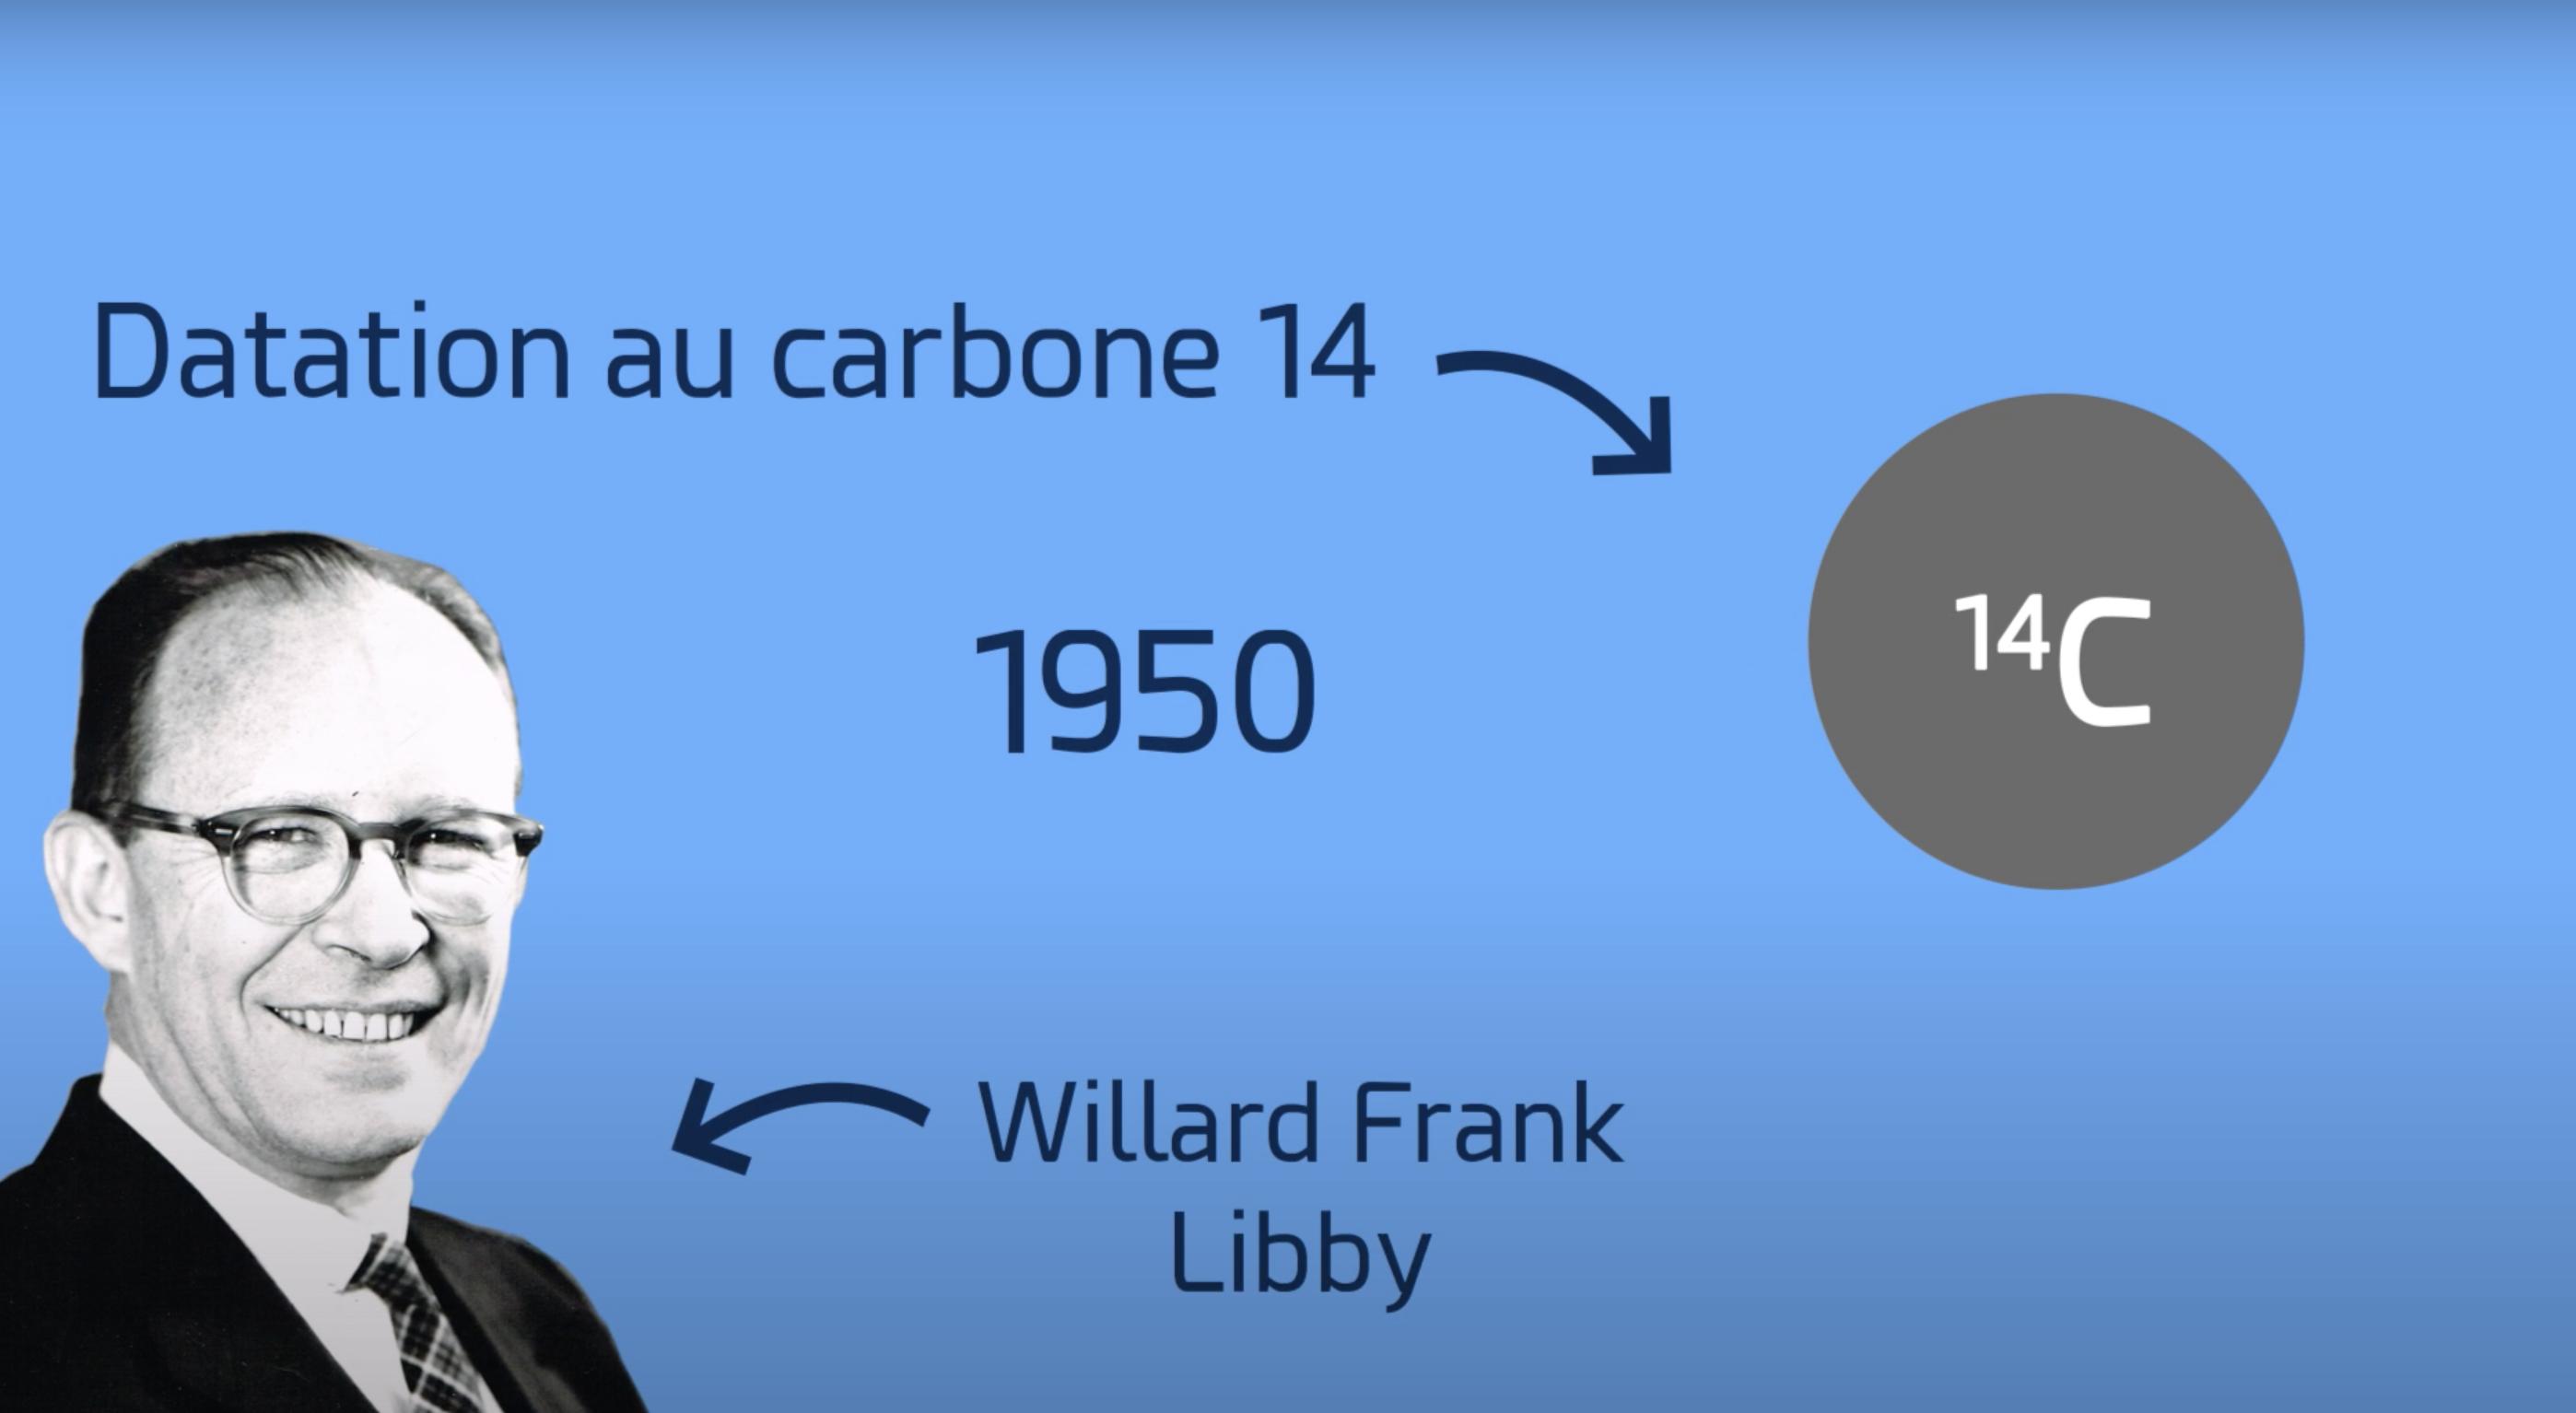 Datation au carbone 14 (vidéo)